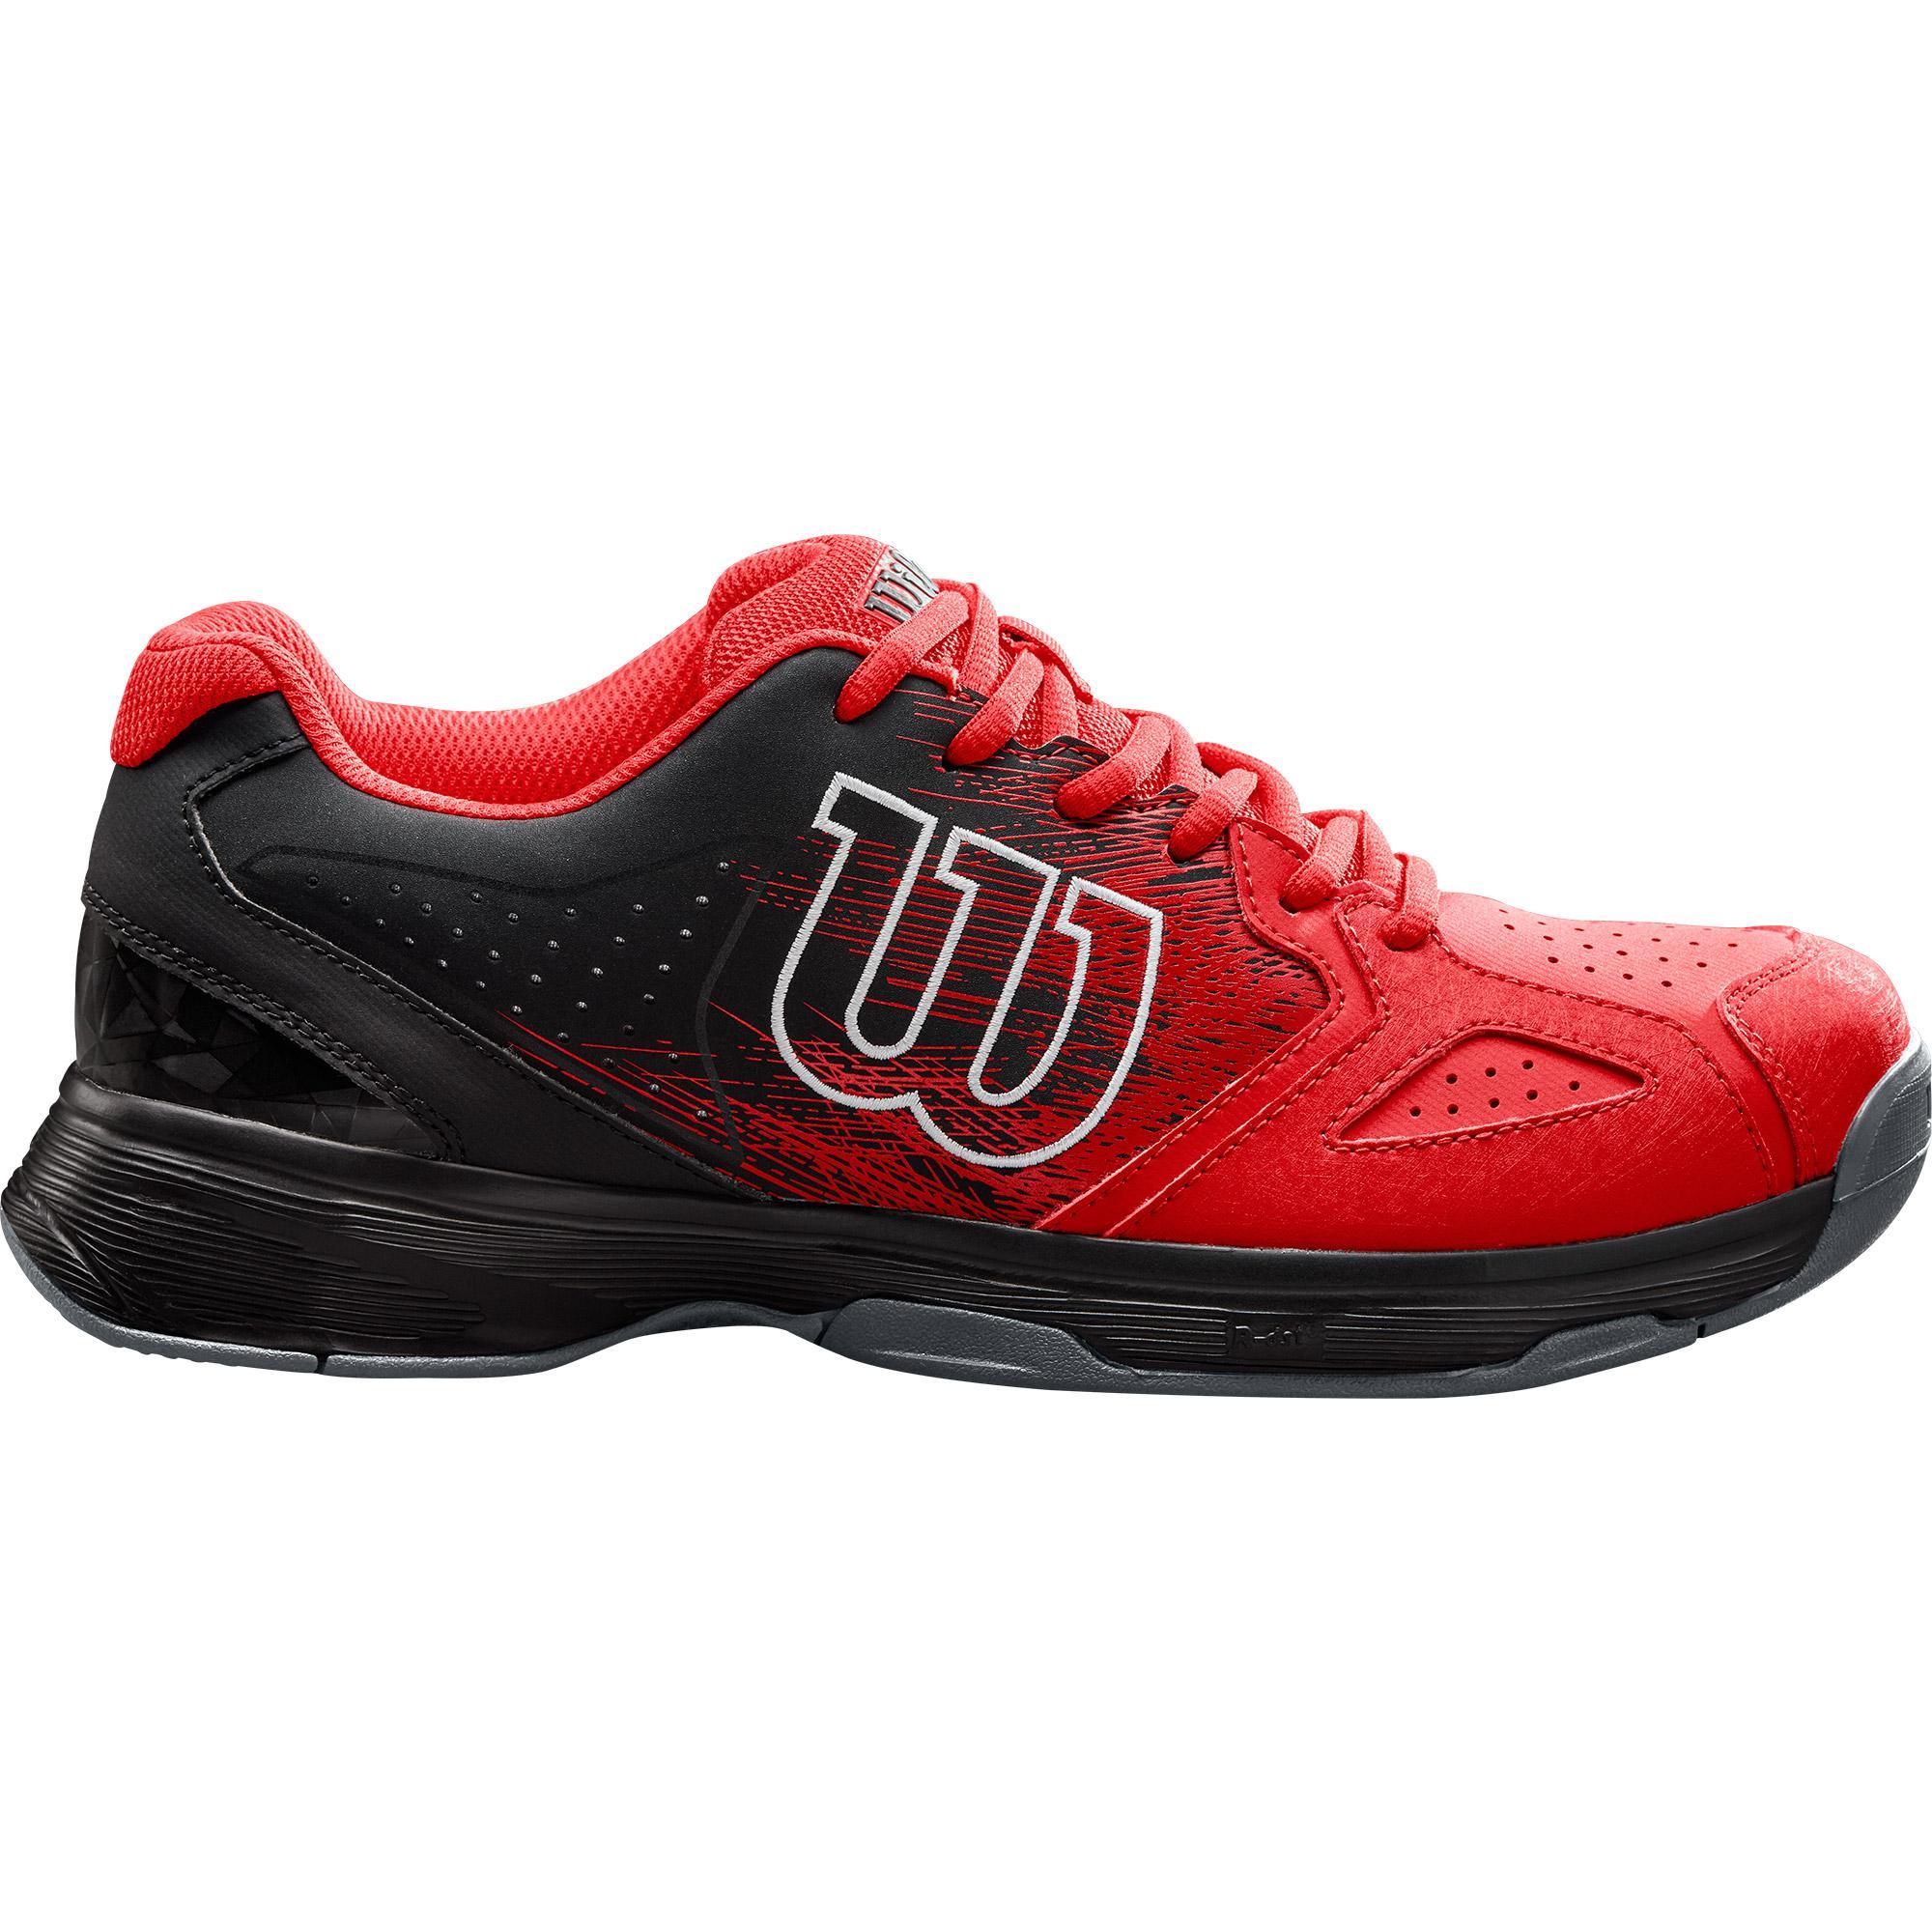 e483fd611f7b Wilson Mens Kaos Stroke Tennis Shoes - Red Black White - Tennisnuts.com